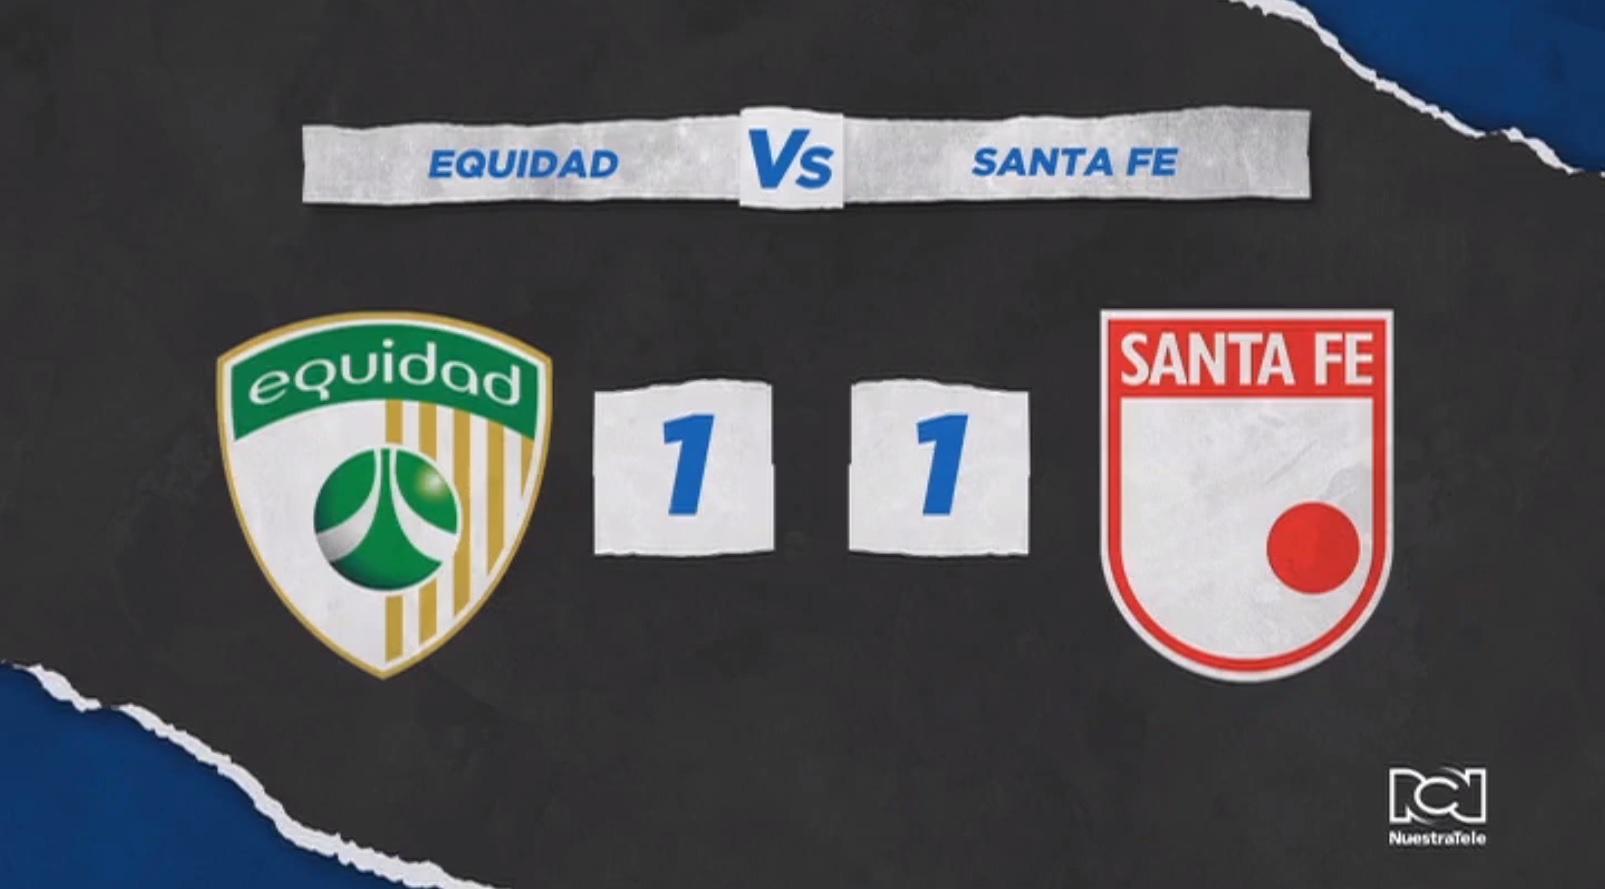 La Equidad y Santa Fe empataron en la ida de las semifinales de la Liga BetPlay 2020